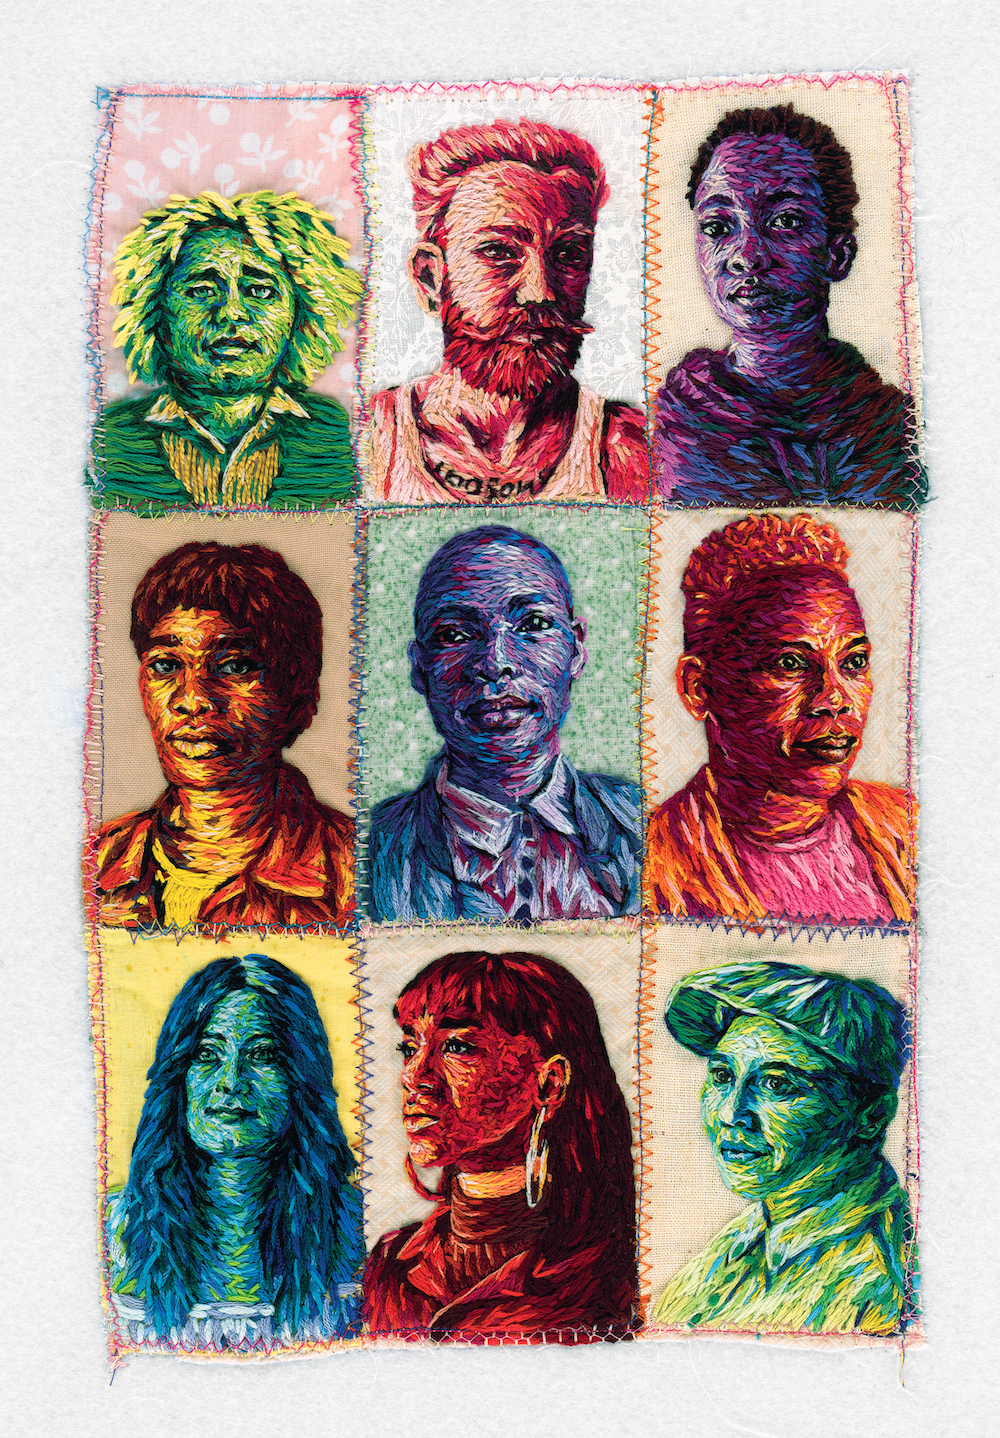 arte-ricamo-ritratti-colorati-danielle-clough-1